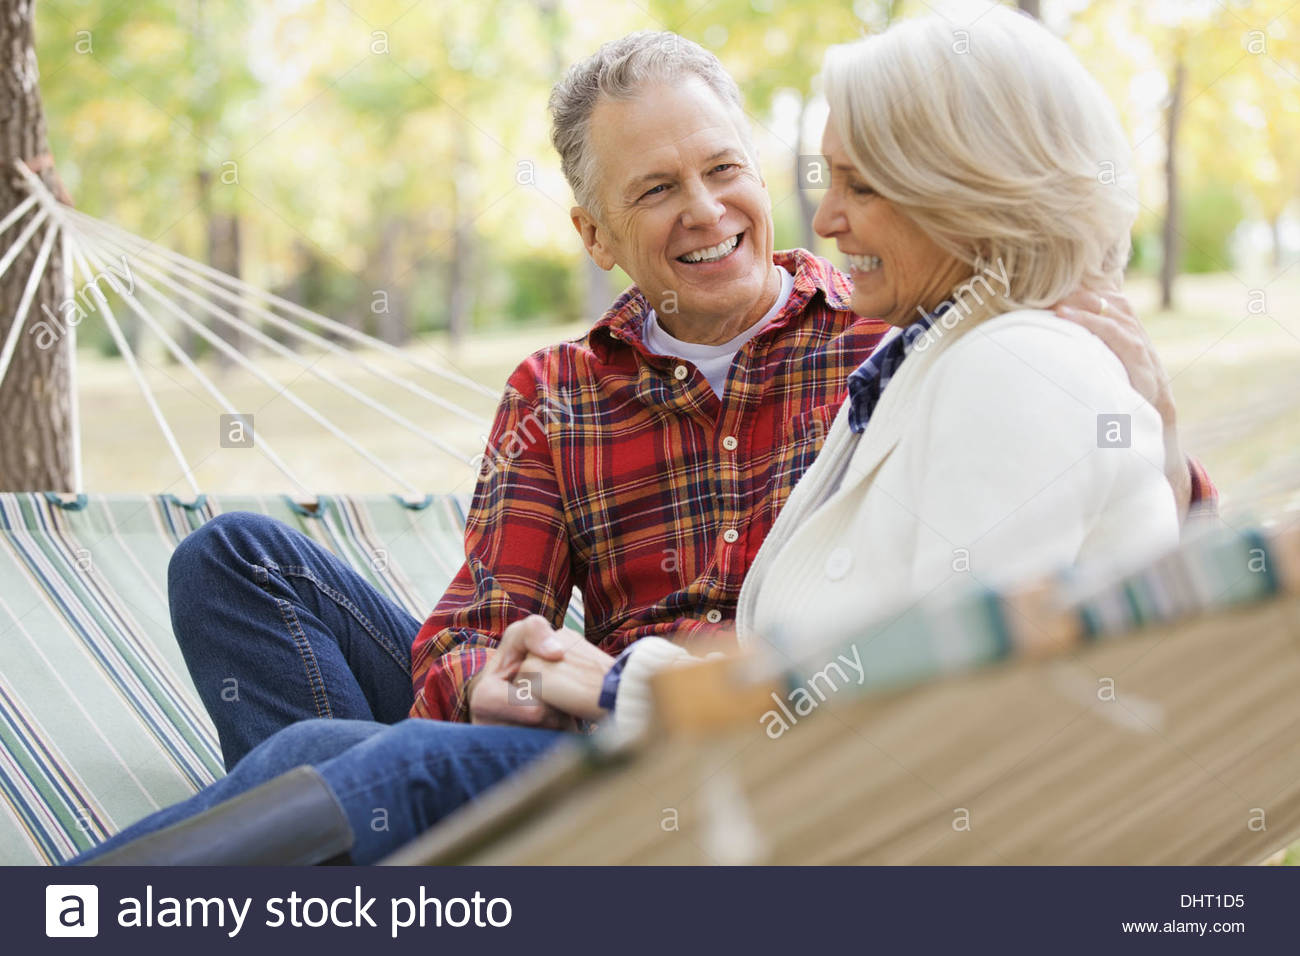 Amorevole Coppia matura in seduta amaca in posizione di parcheggio Immagini Stock